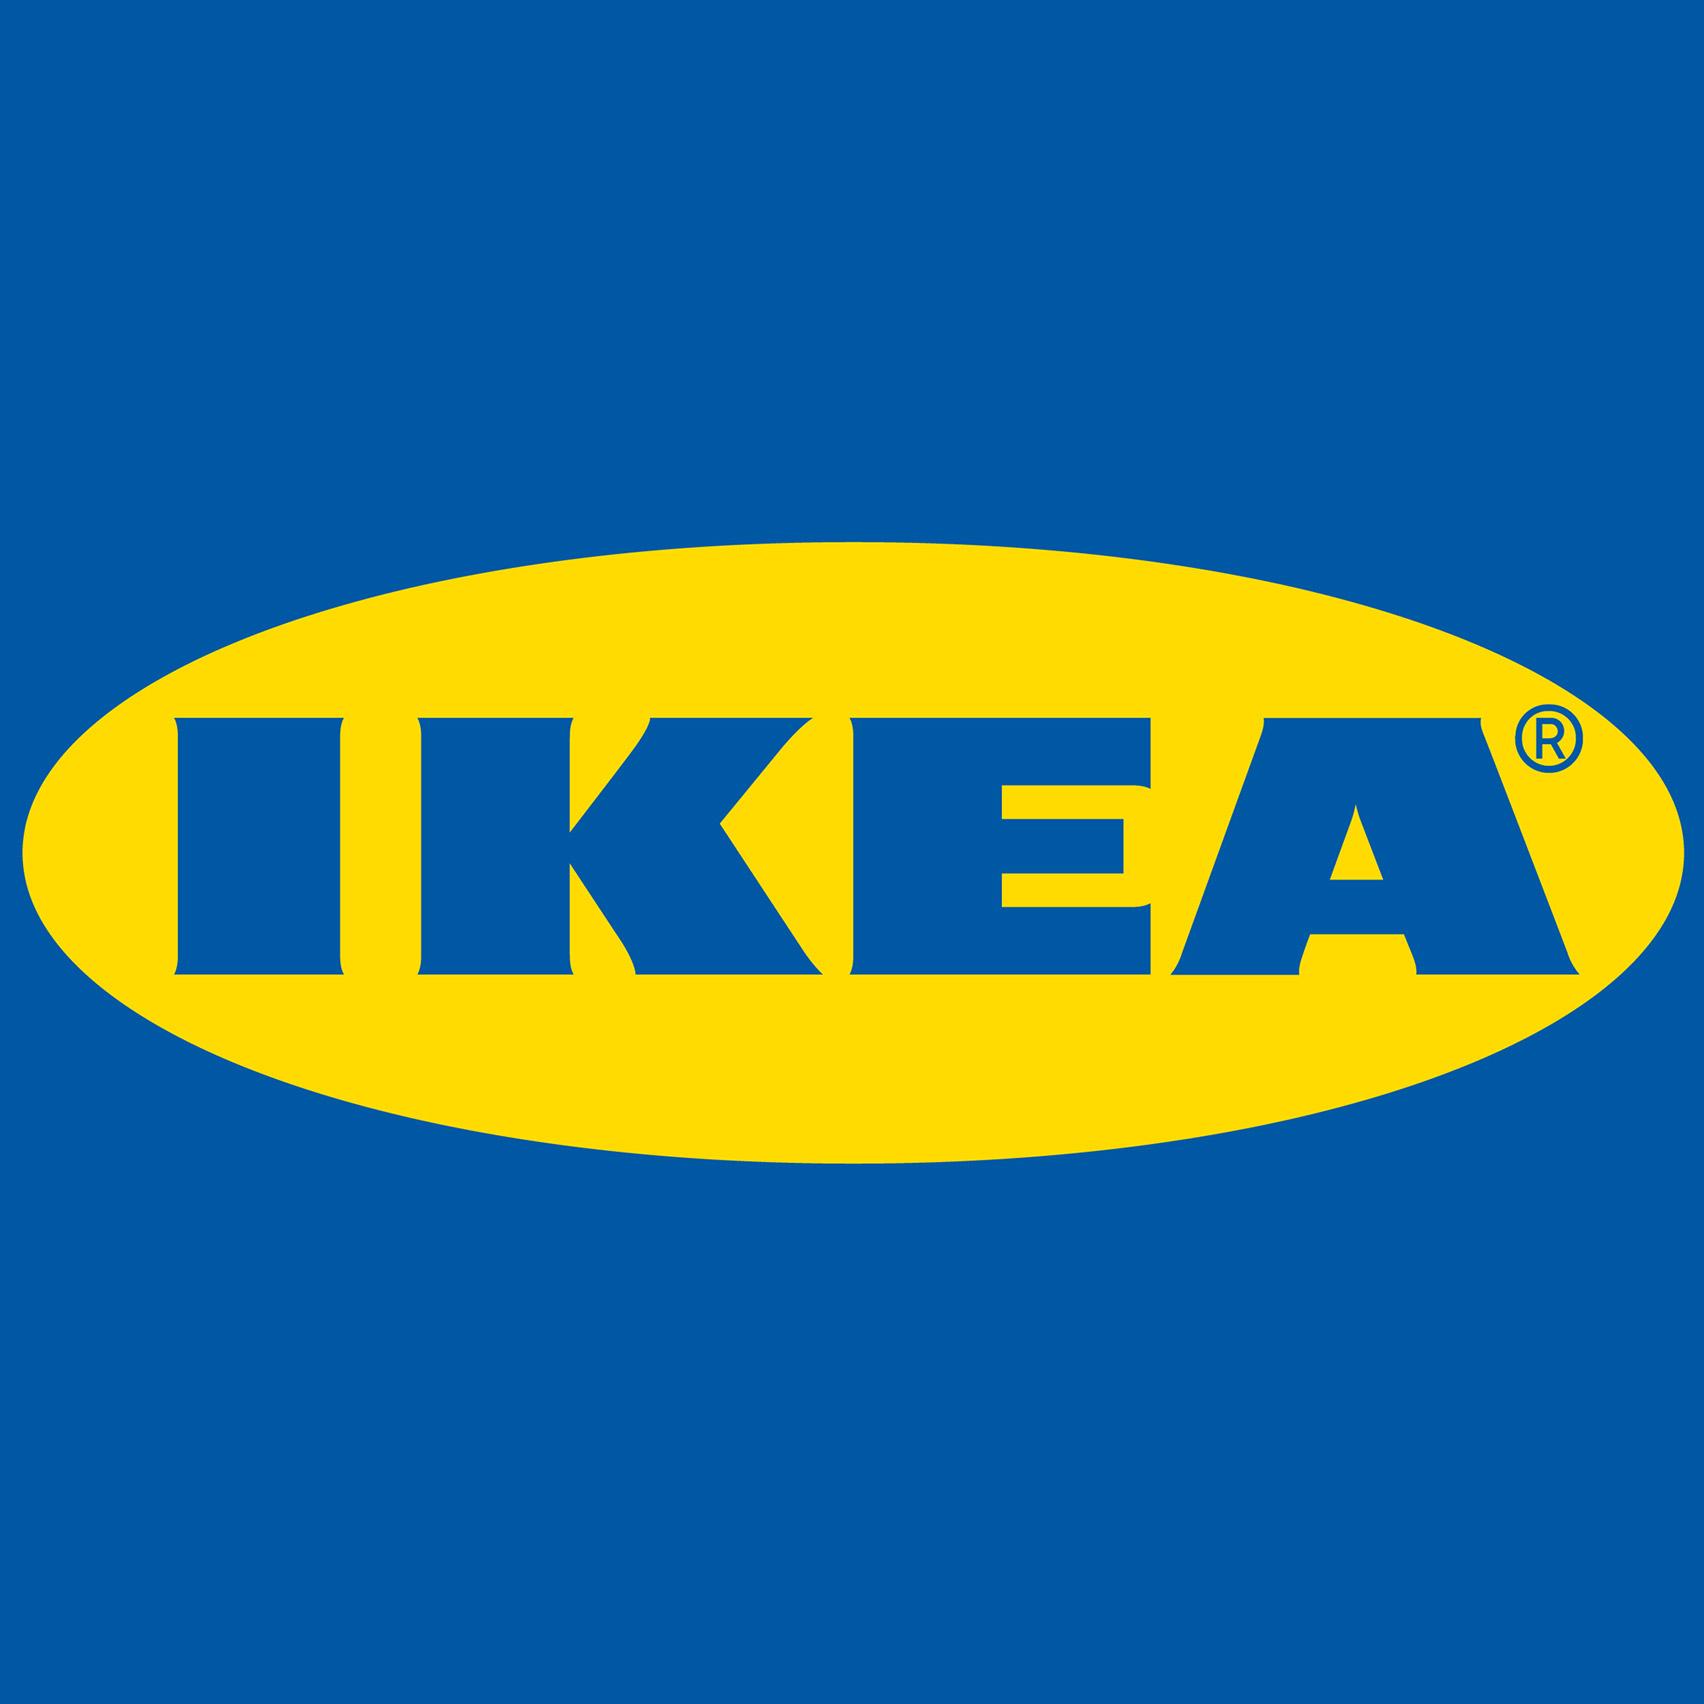 Marca Ikea